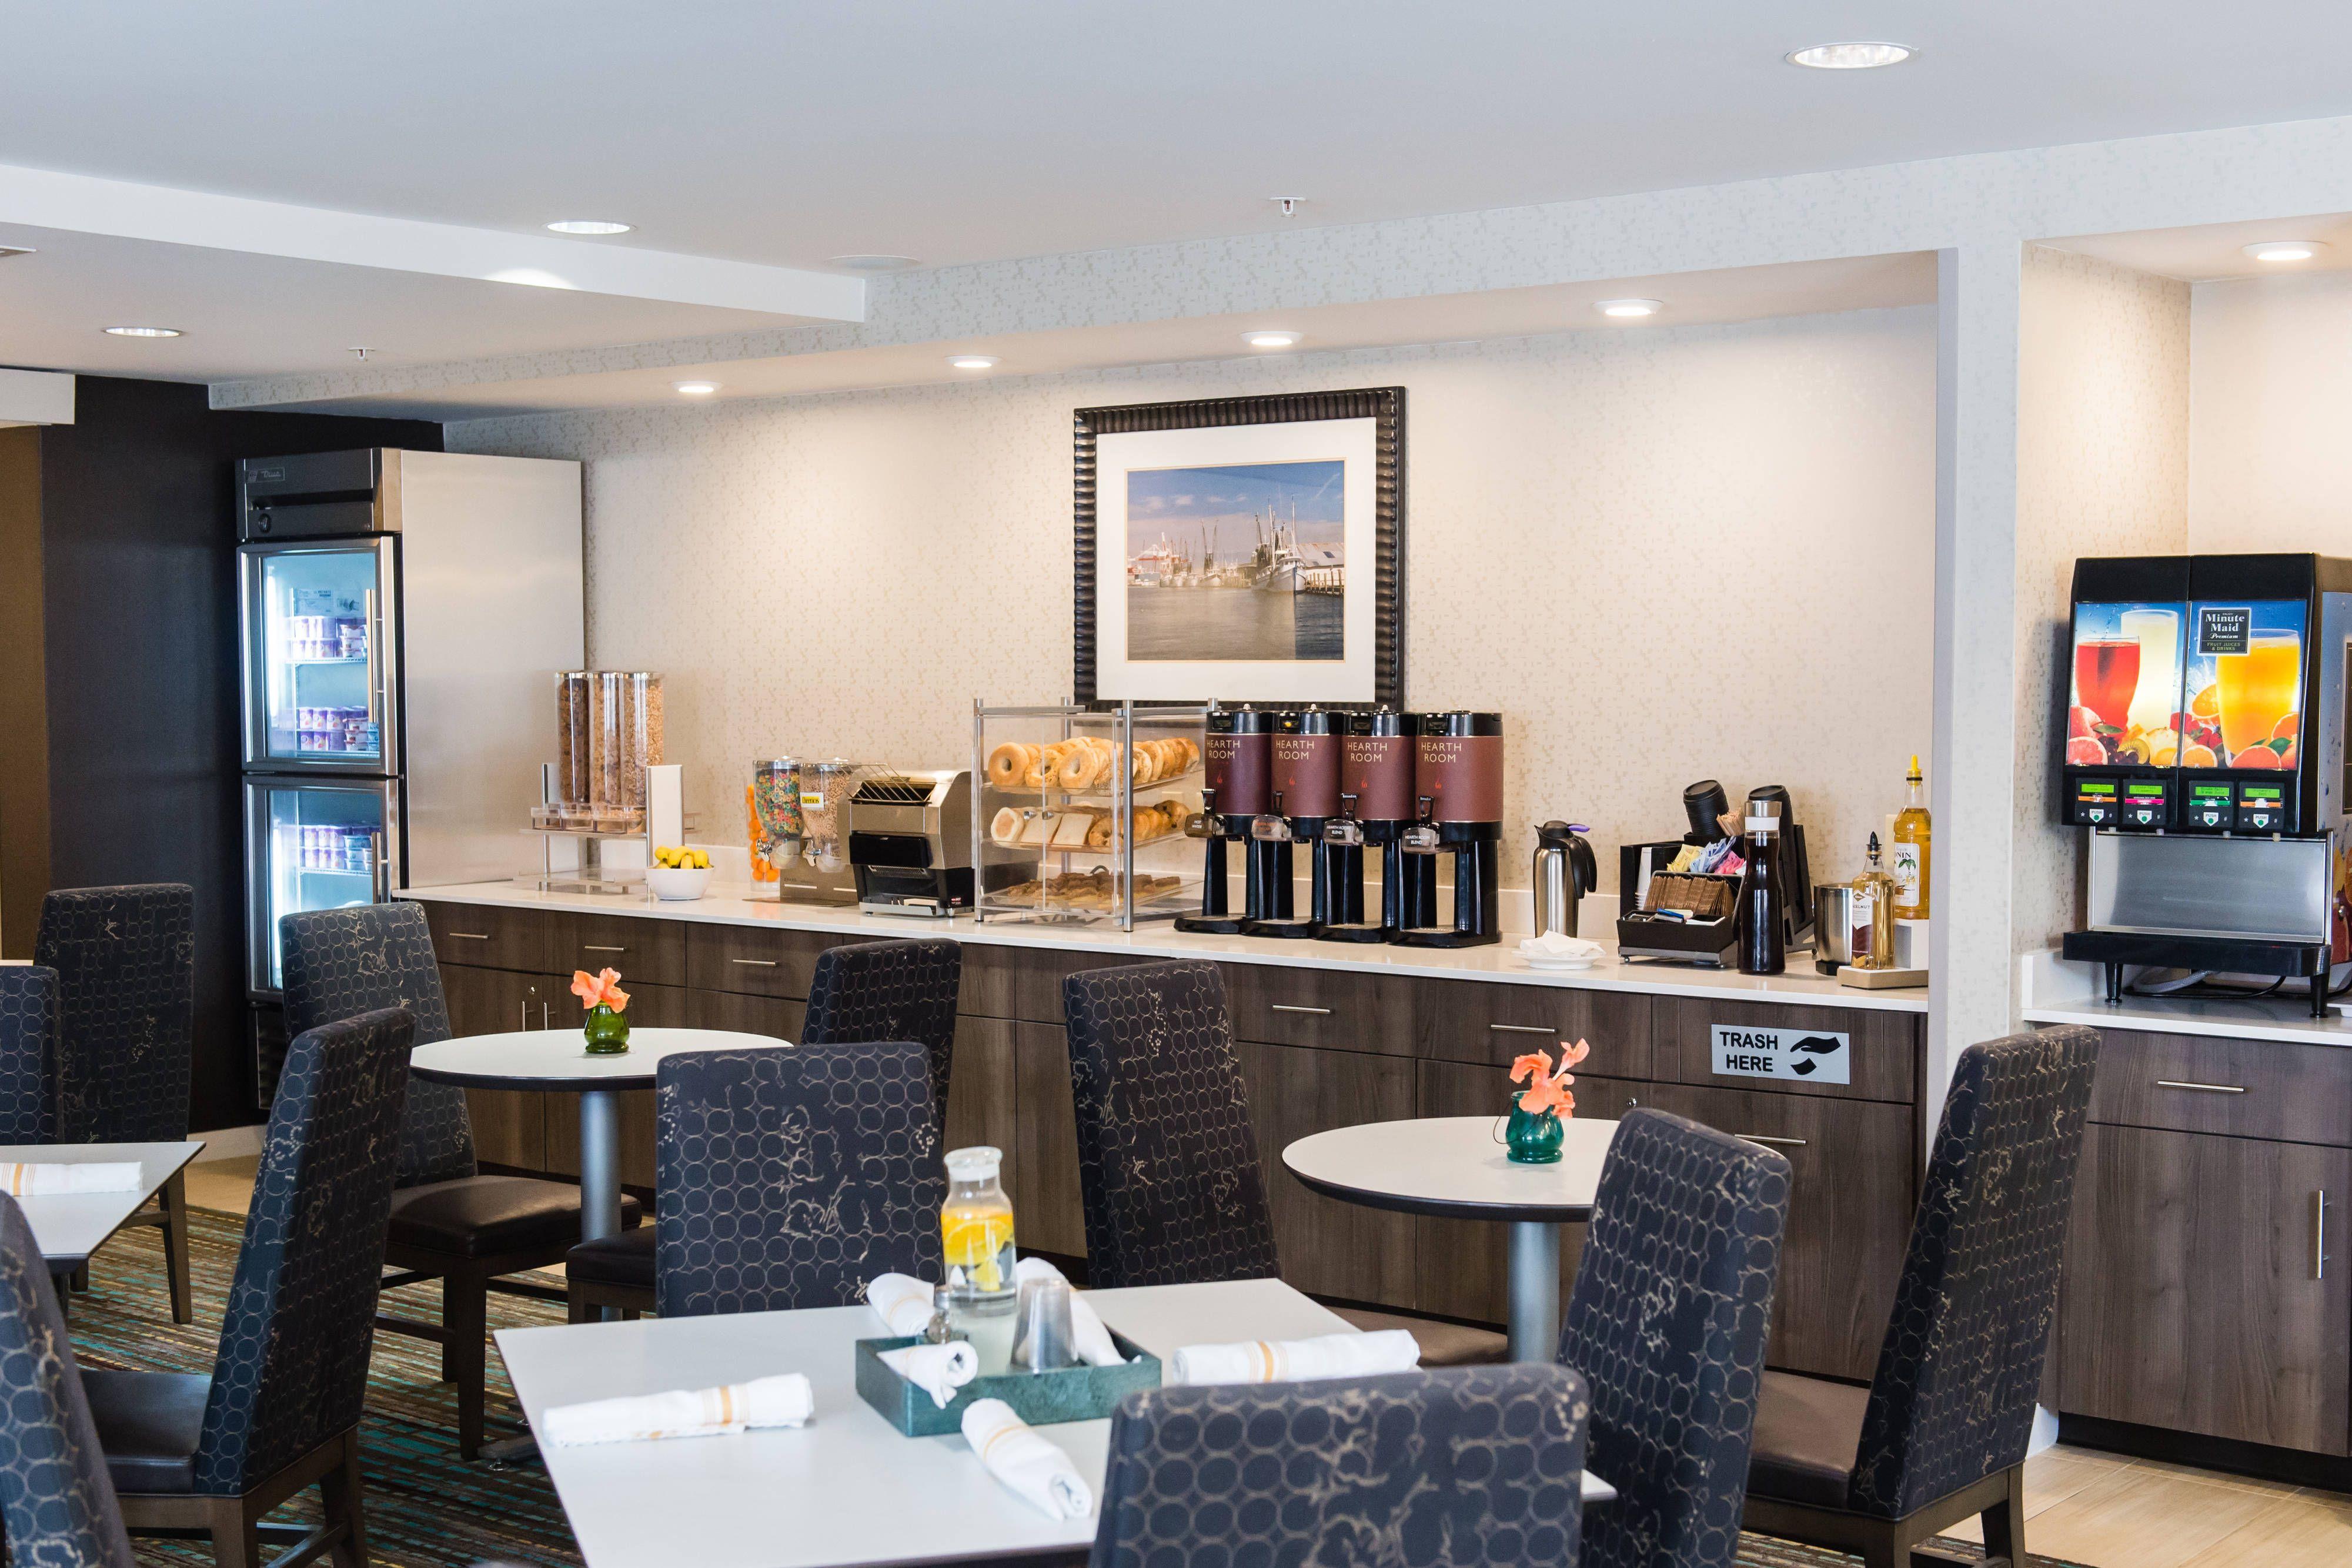 Residence Inn Amelia Island Breakfast Buffet Hotels Relax